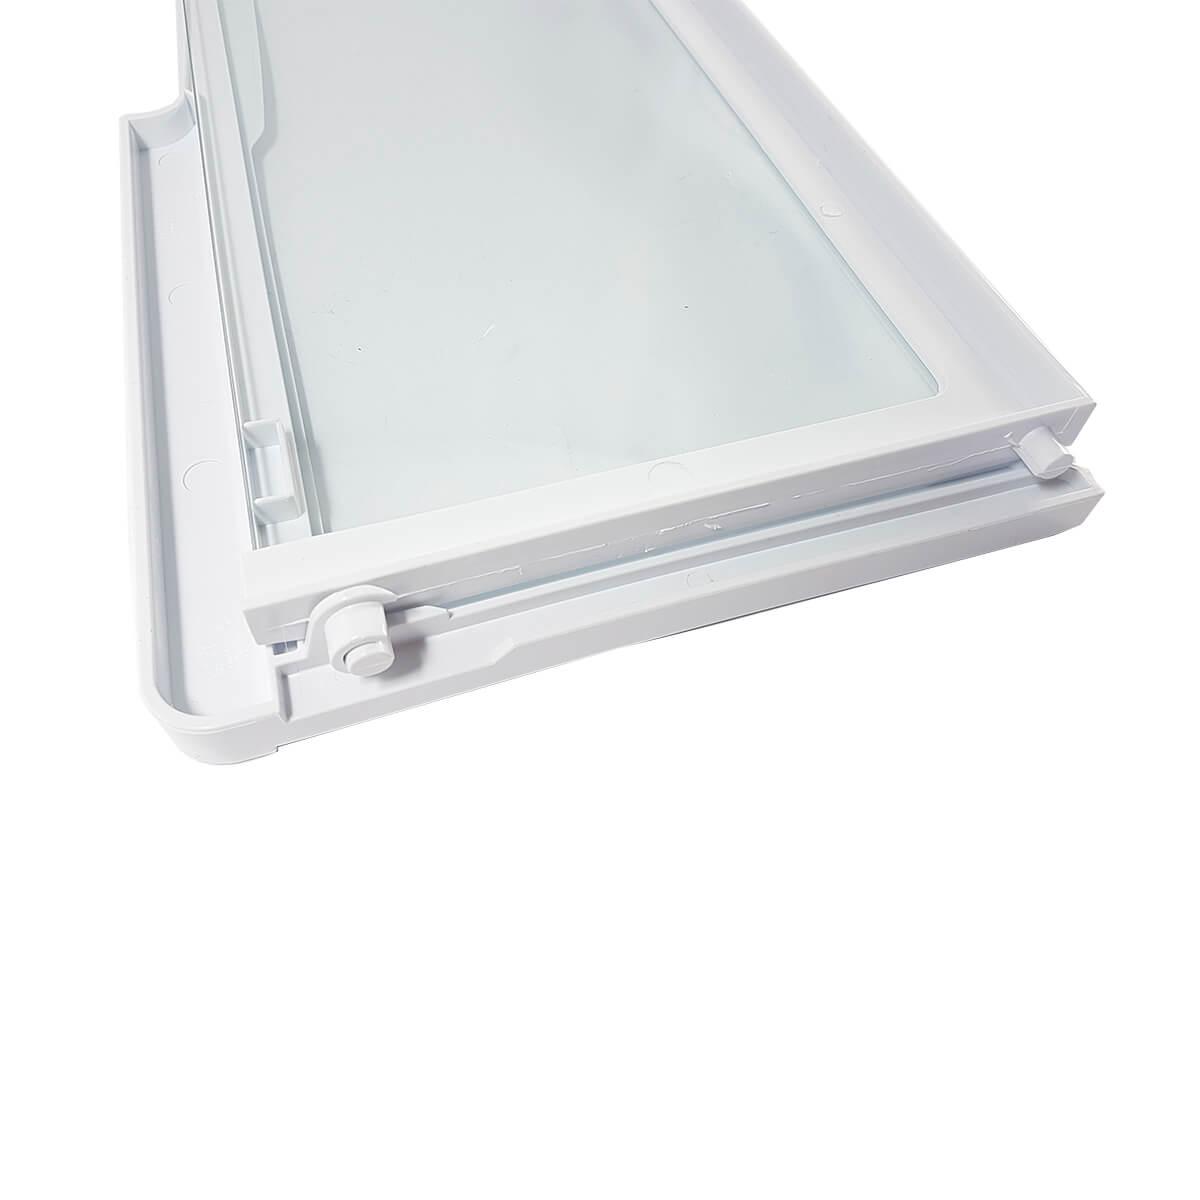 Prateleira De Vidro Compartimento Chill Para Refrigerador Electrolux DF82 DF82X -  A99178801